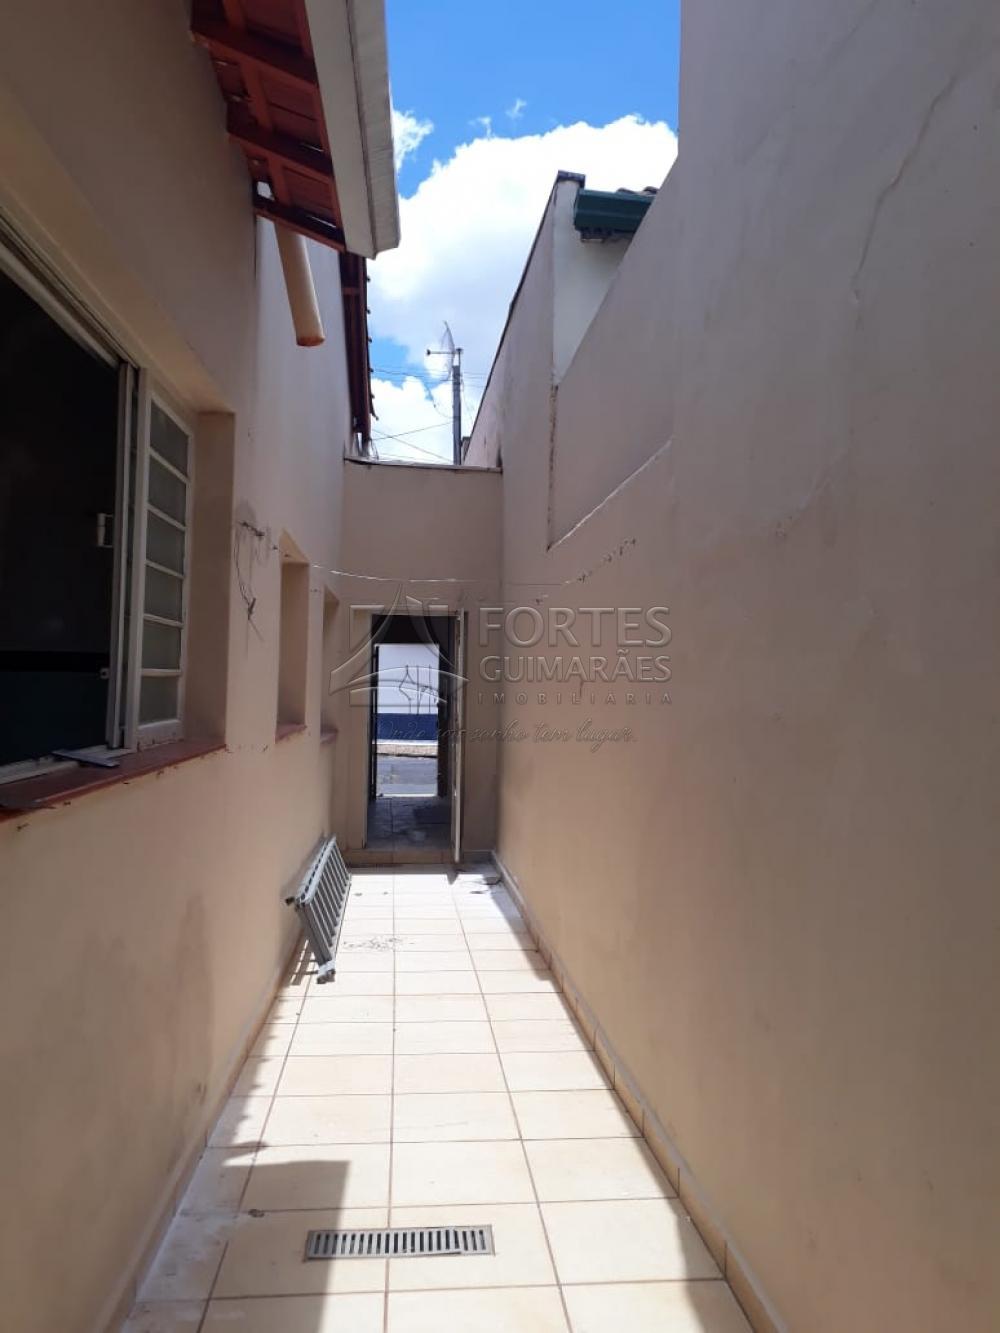 Alugar Casas / Padrão em Ribeirão Preto apenas R$ 850,00 - Foto 2